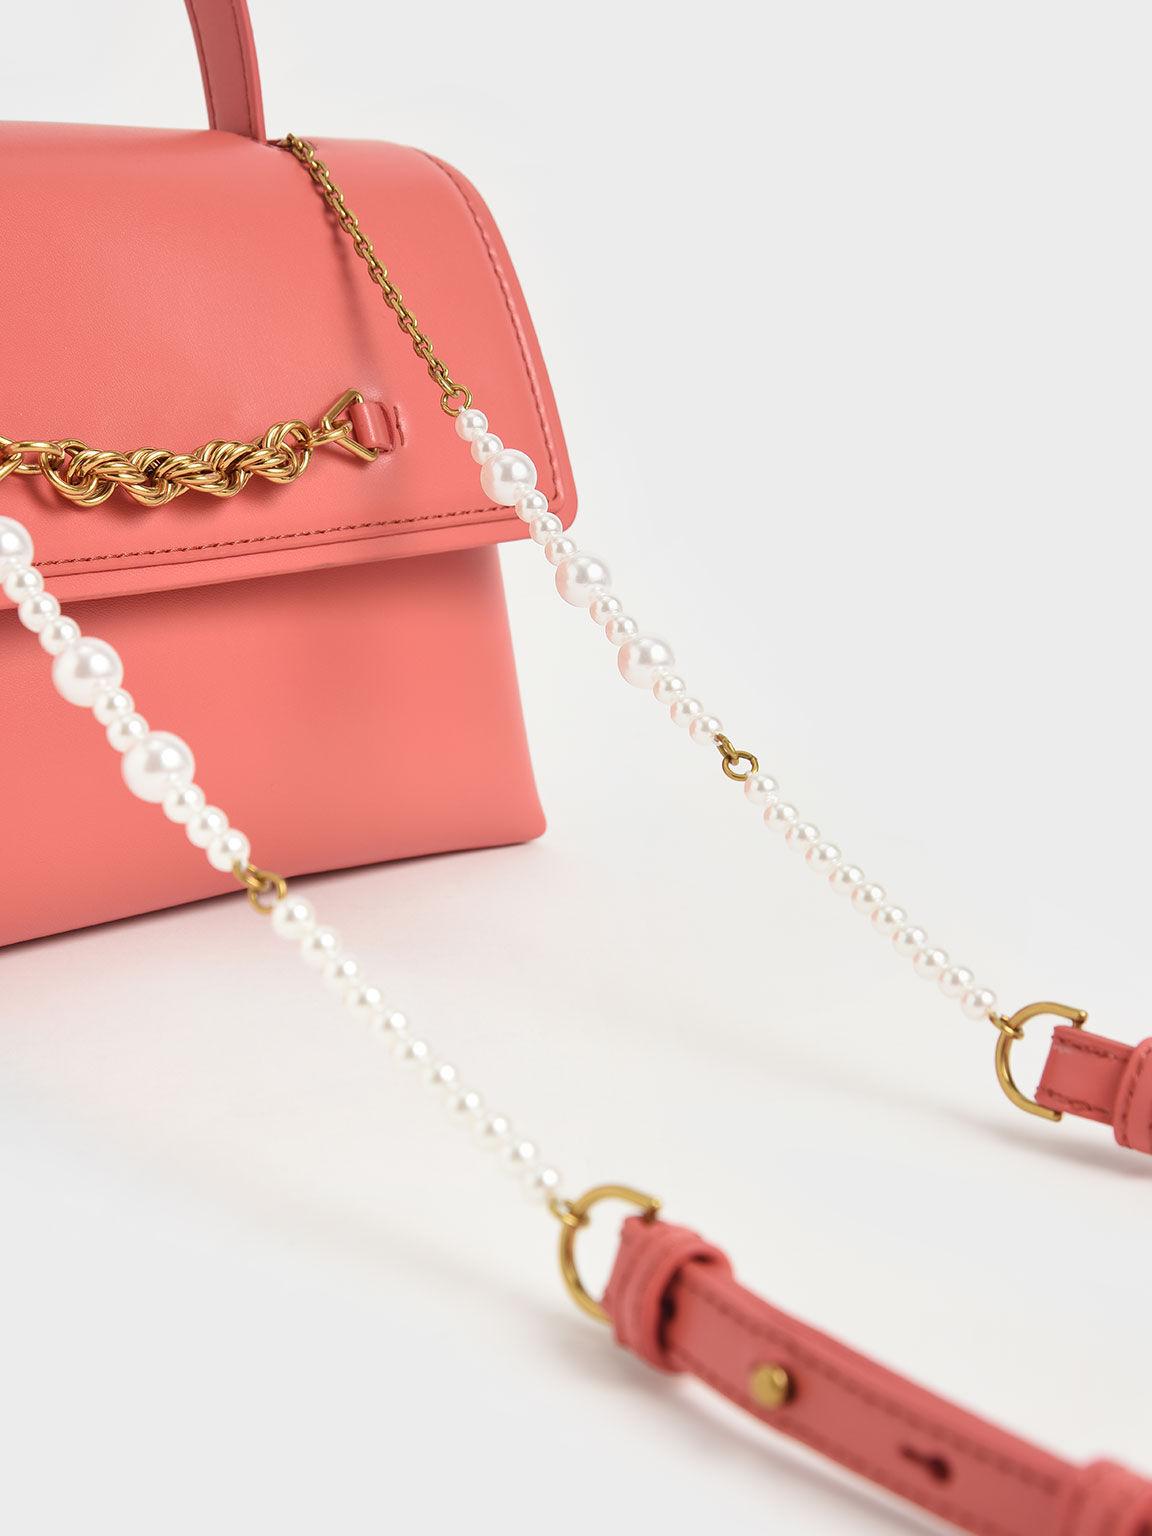 金屬鍊手提梯形包, 珊瑚色, hi-res